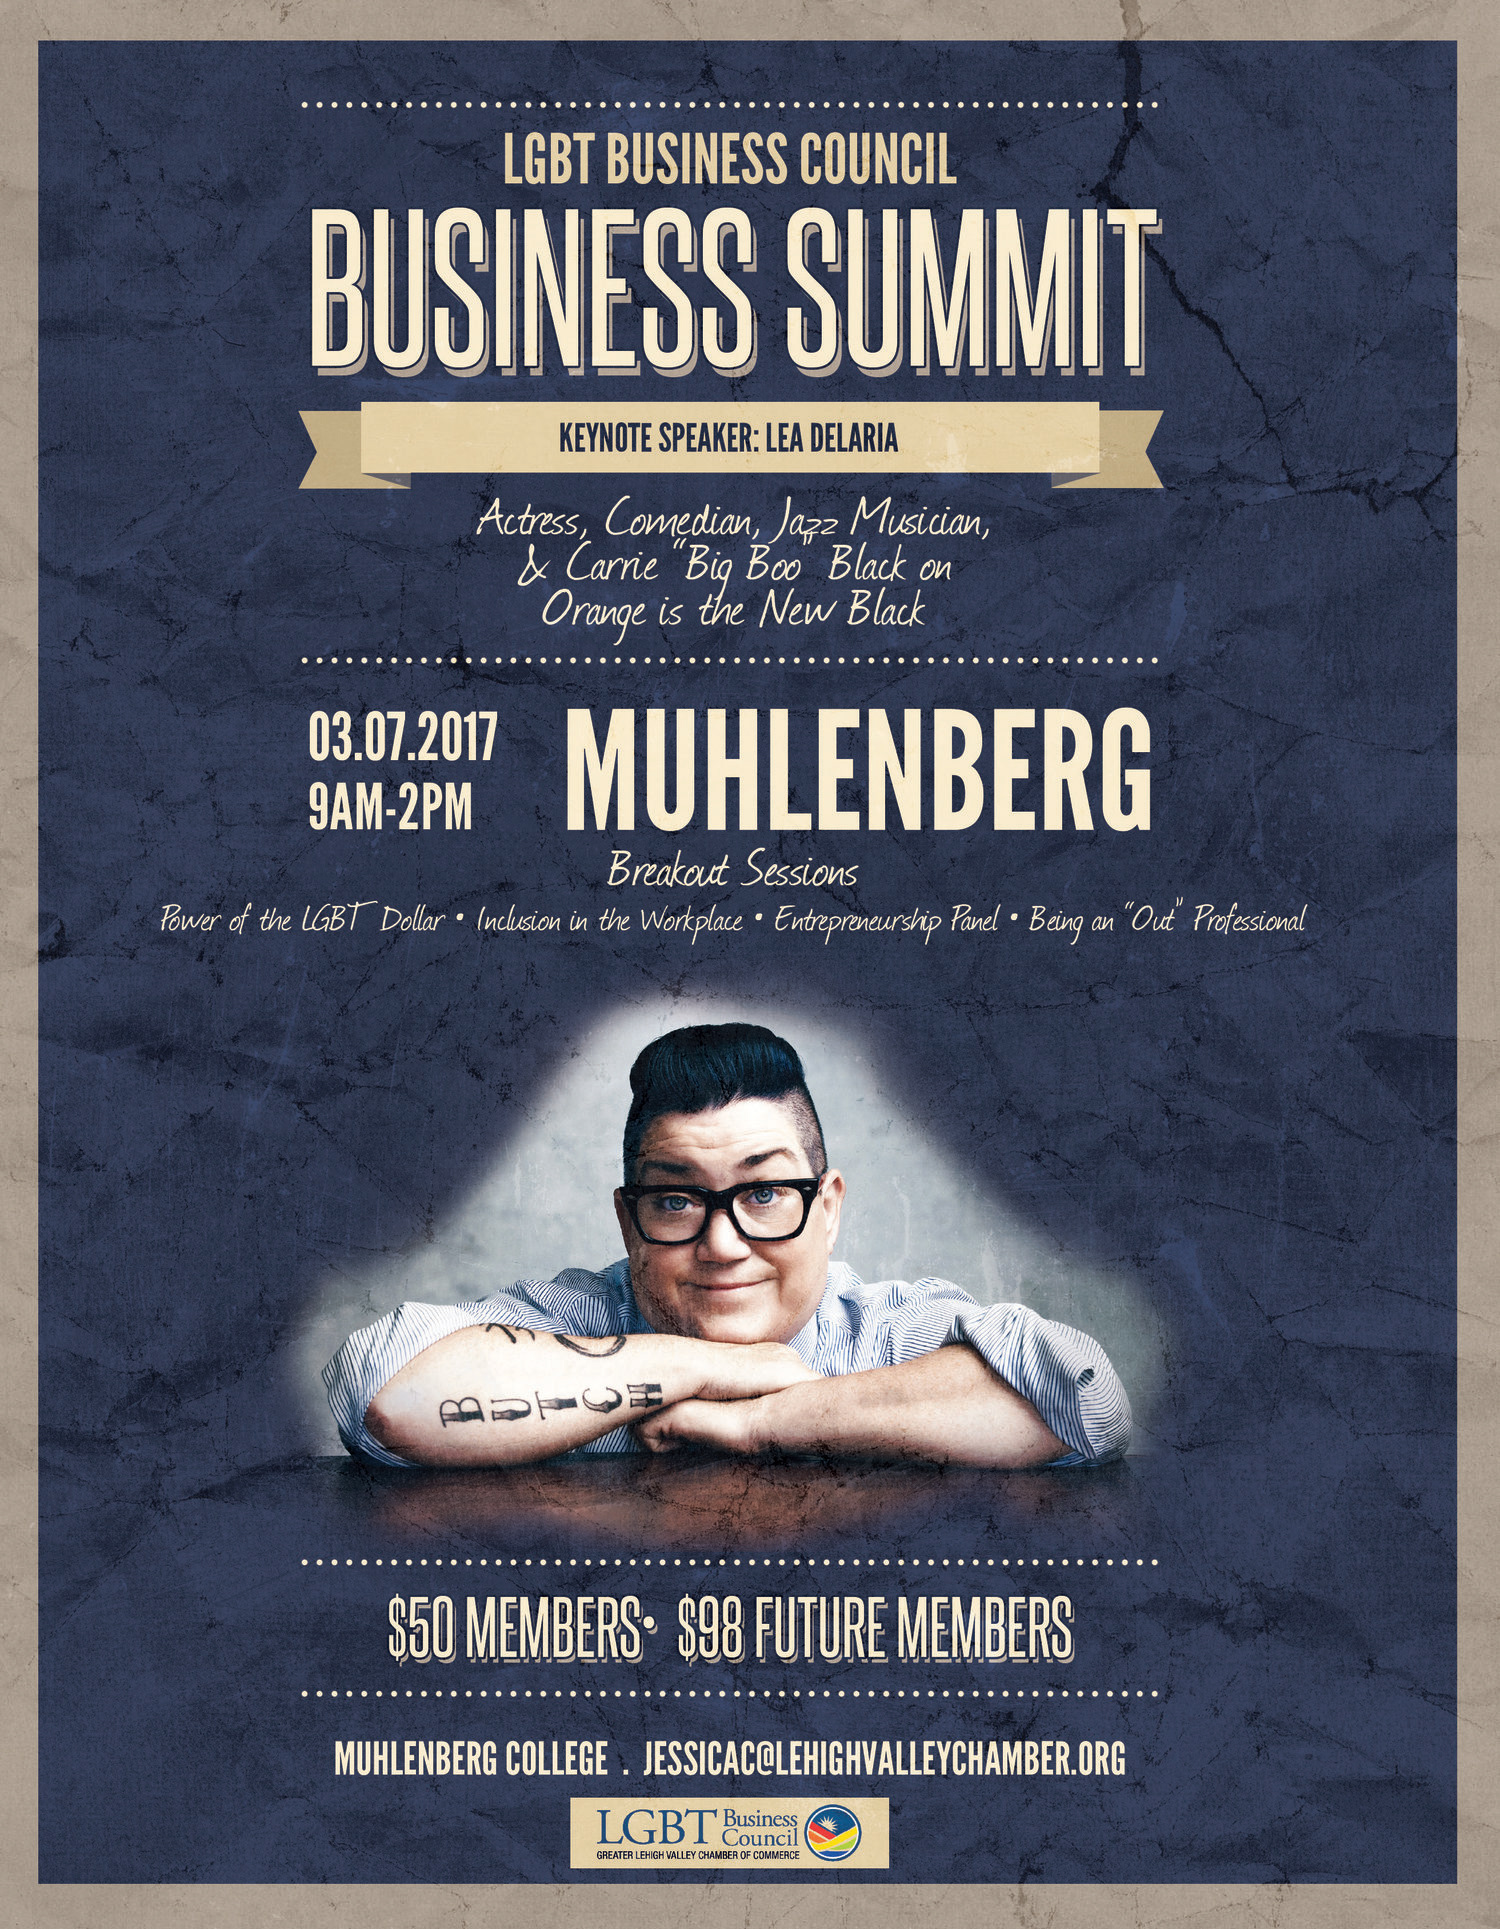 Matthew Kramer-LaPadula - Business Summit Poster